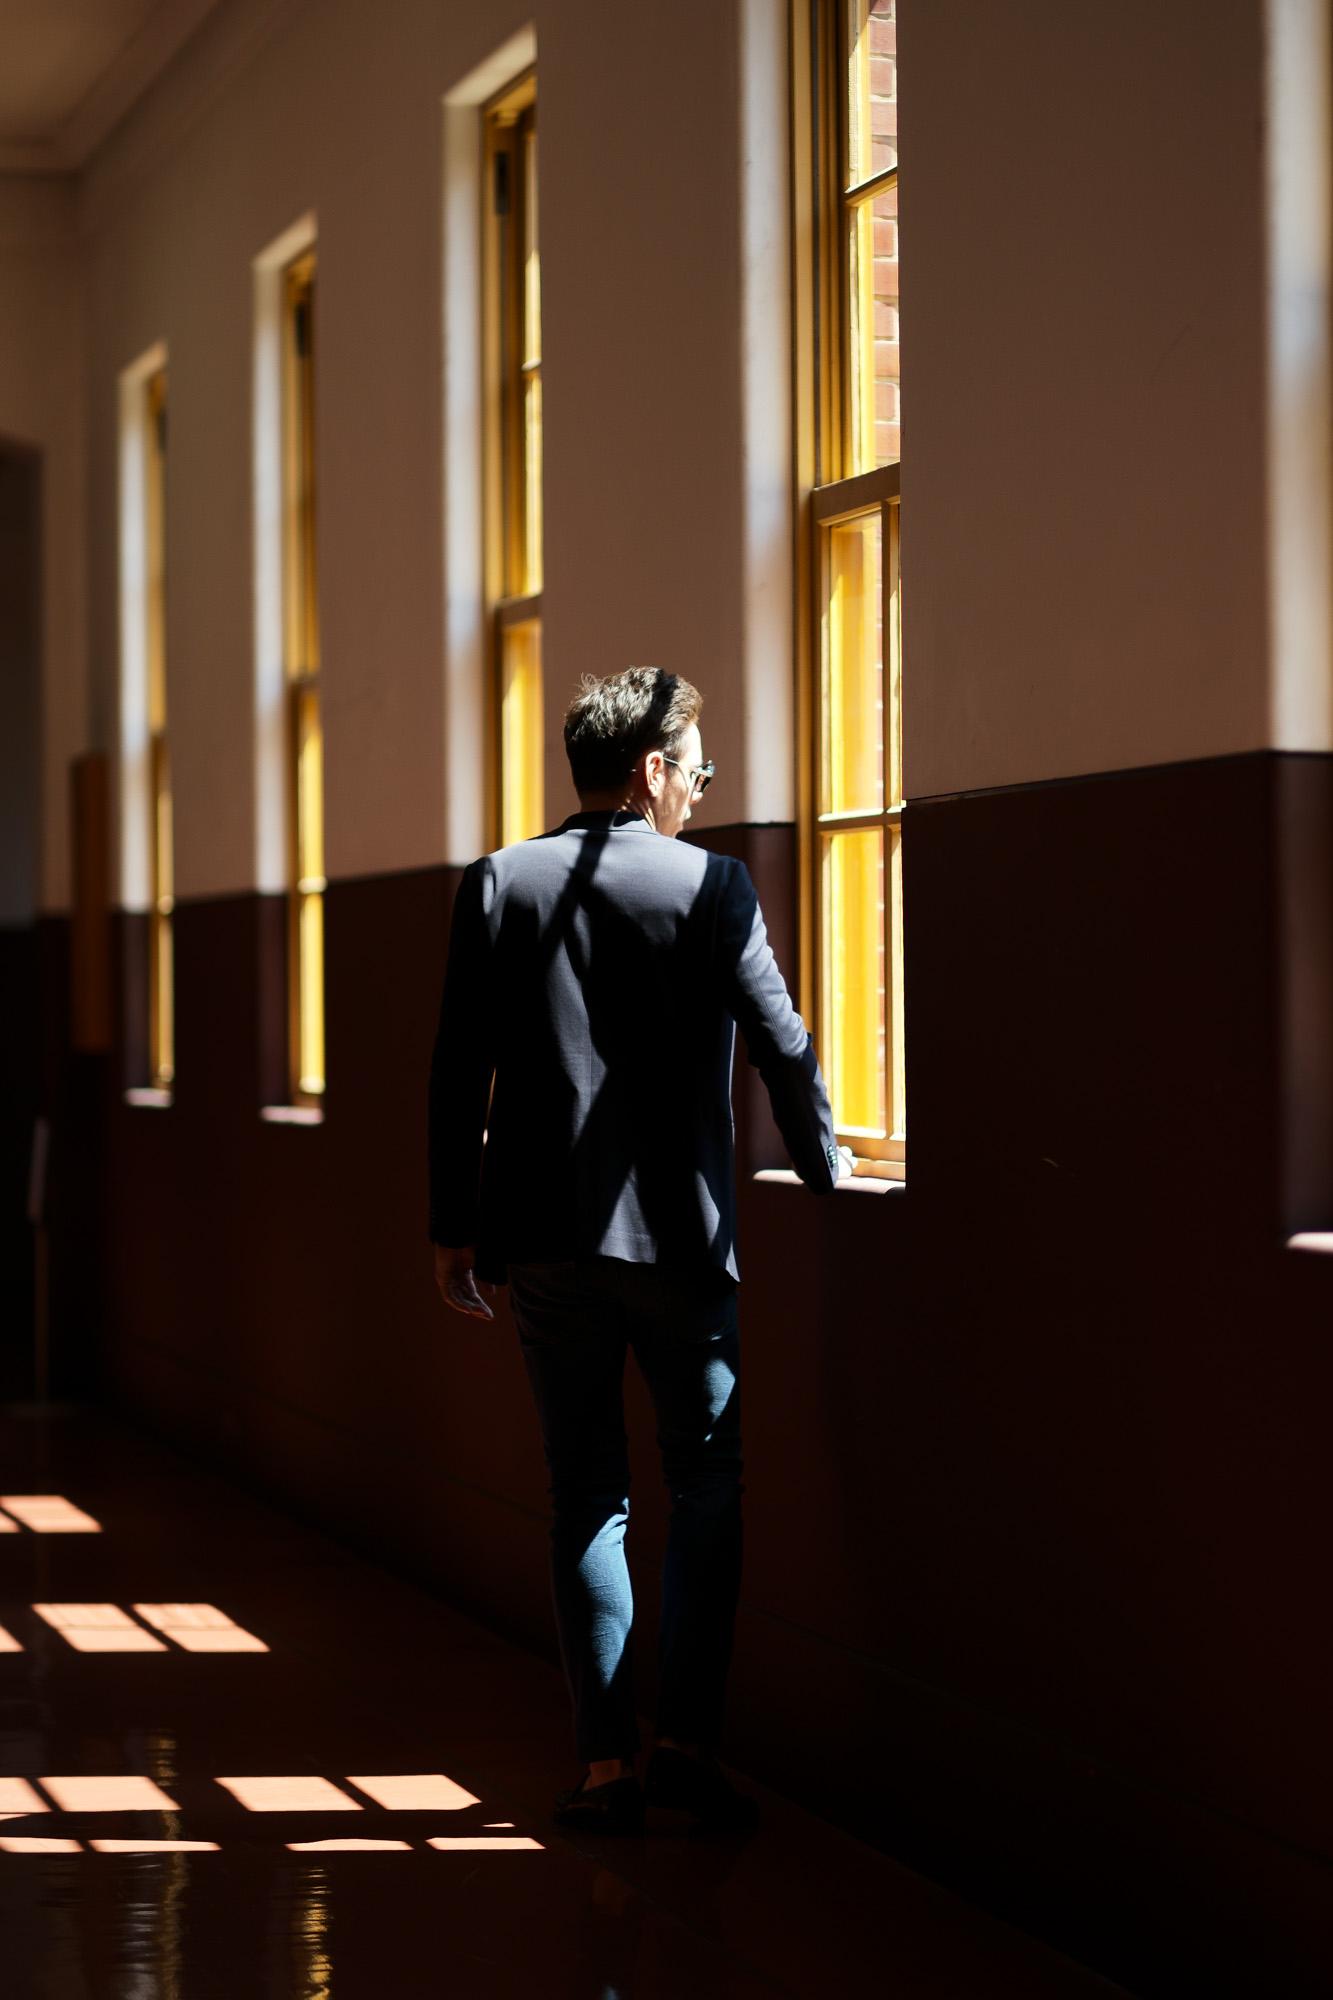 Cuervo (クエルボ) Sartoria Collection (サルトリア コレクション) Lobb (ロブ) Summer Jersey Jacket サマージャージー  3B ジャケット NAVY (ネイビー) MADE IN JAPAN (日本製) 2019 春夏新作 愛知 名古屋 alto e diritto アルトエデリット